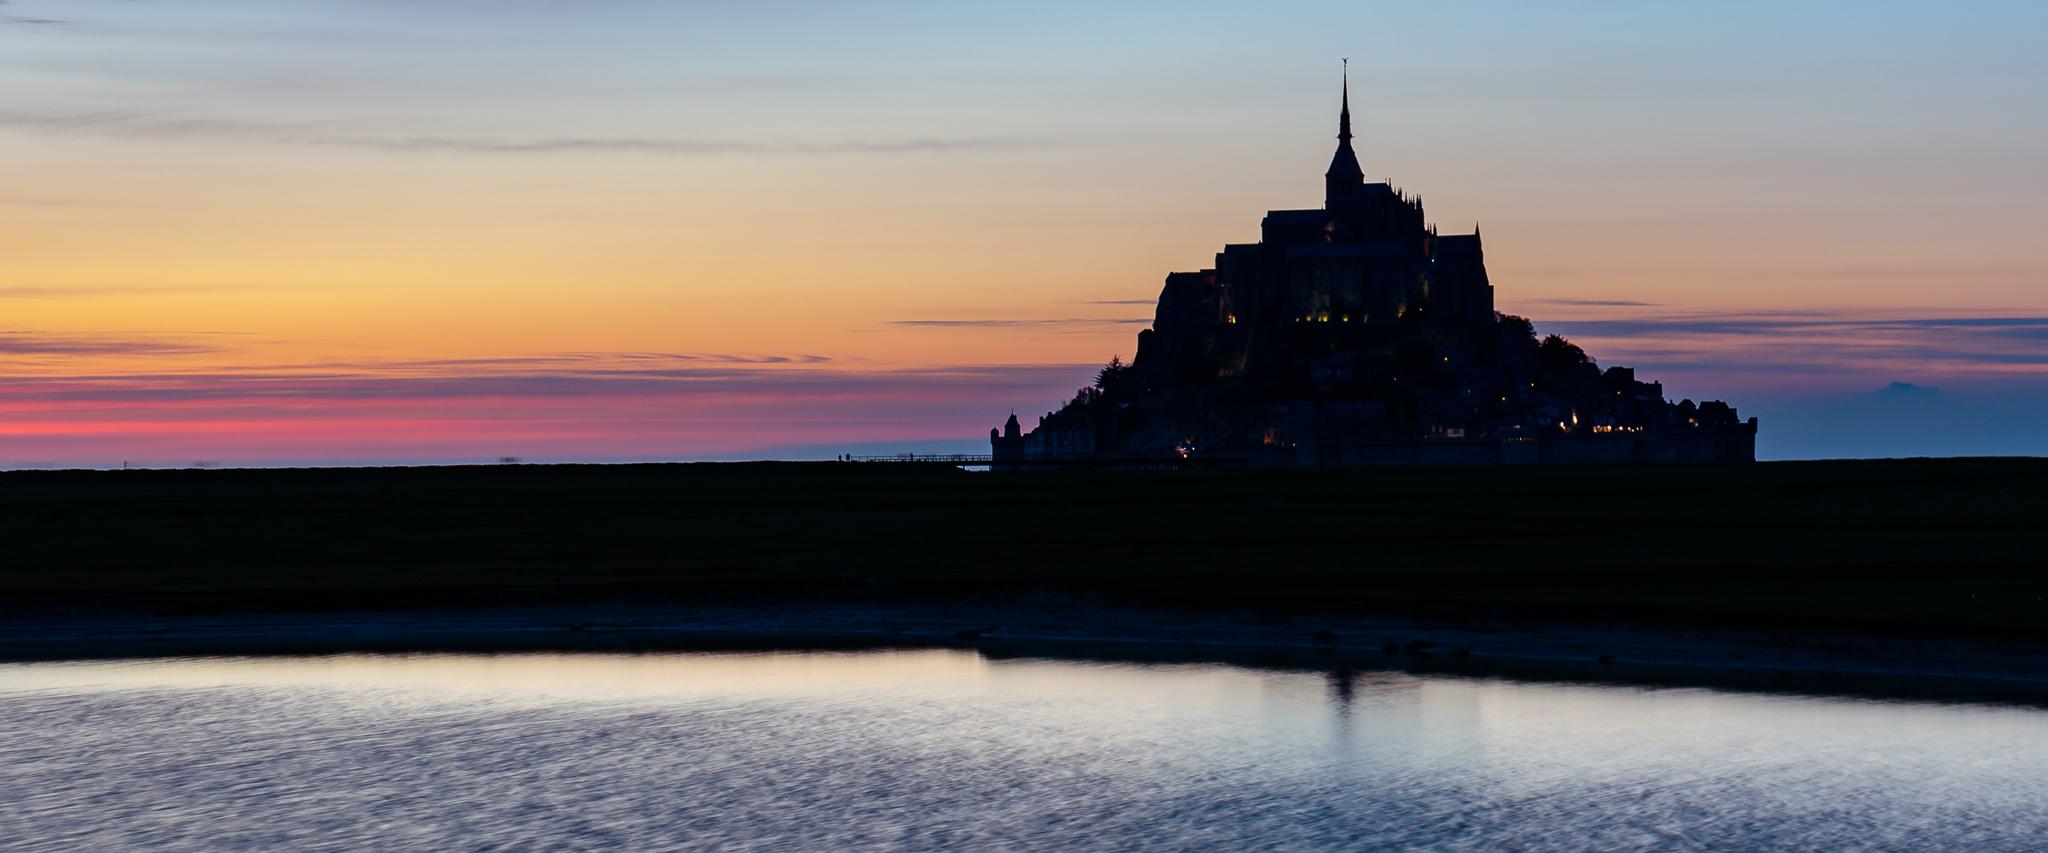 Dusk twilight at 'Le Mont-Saint-Michel', France